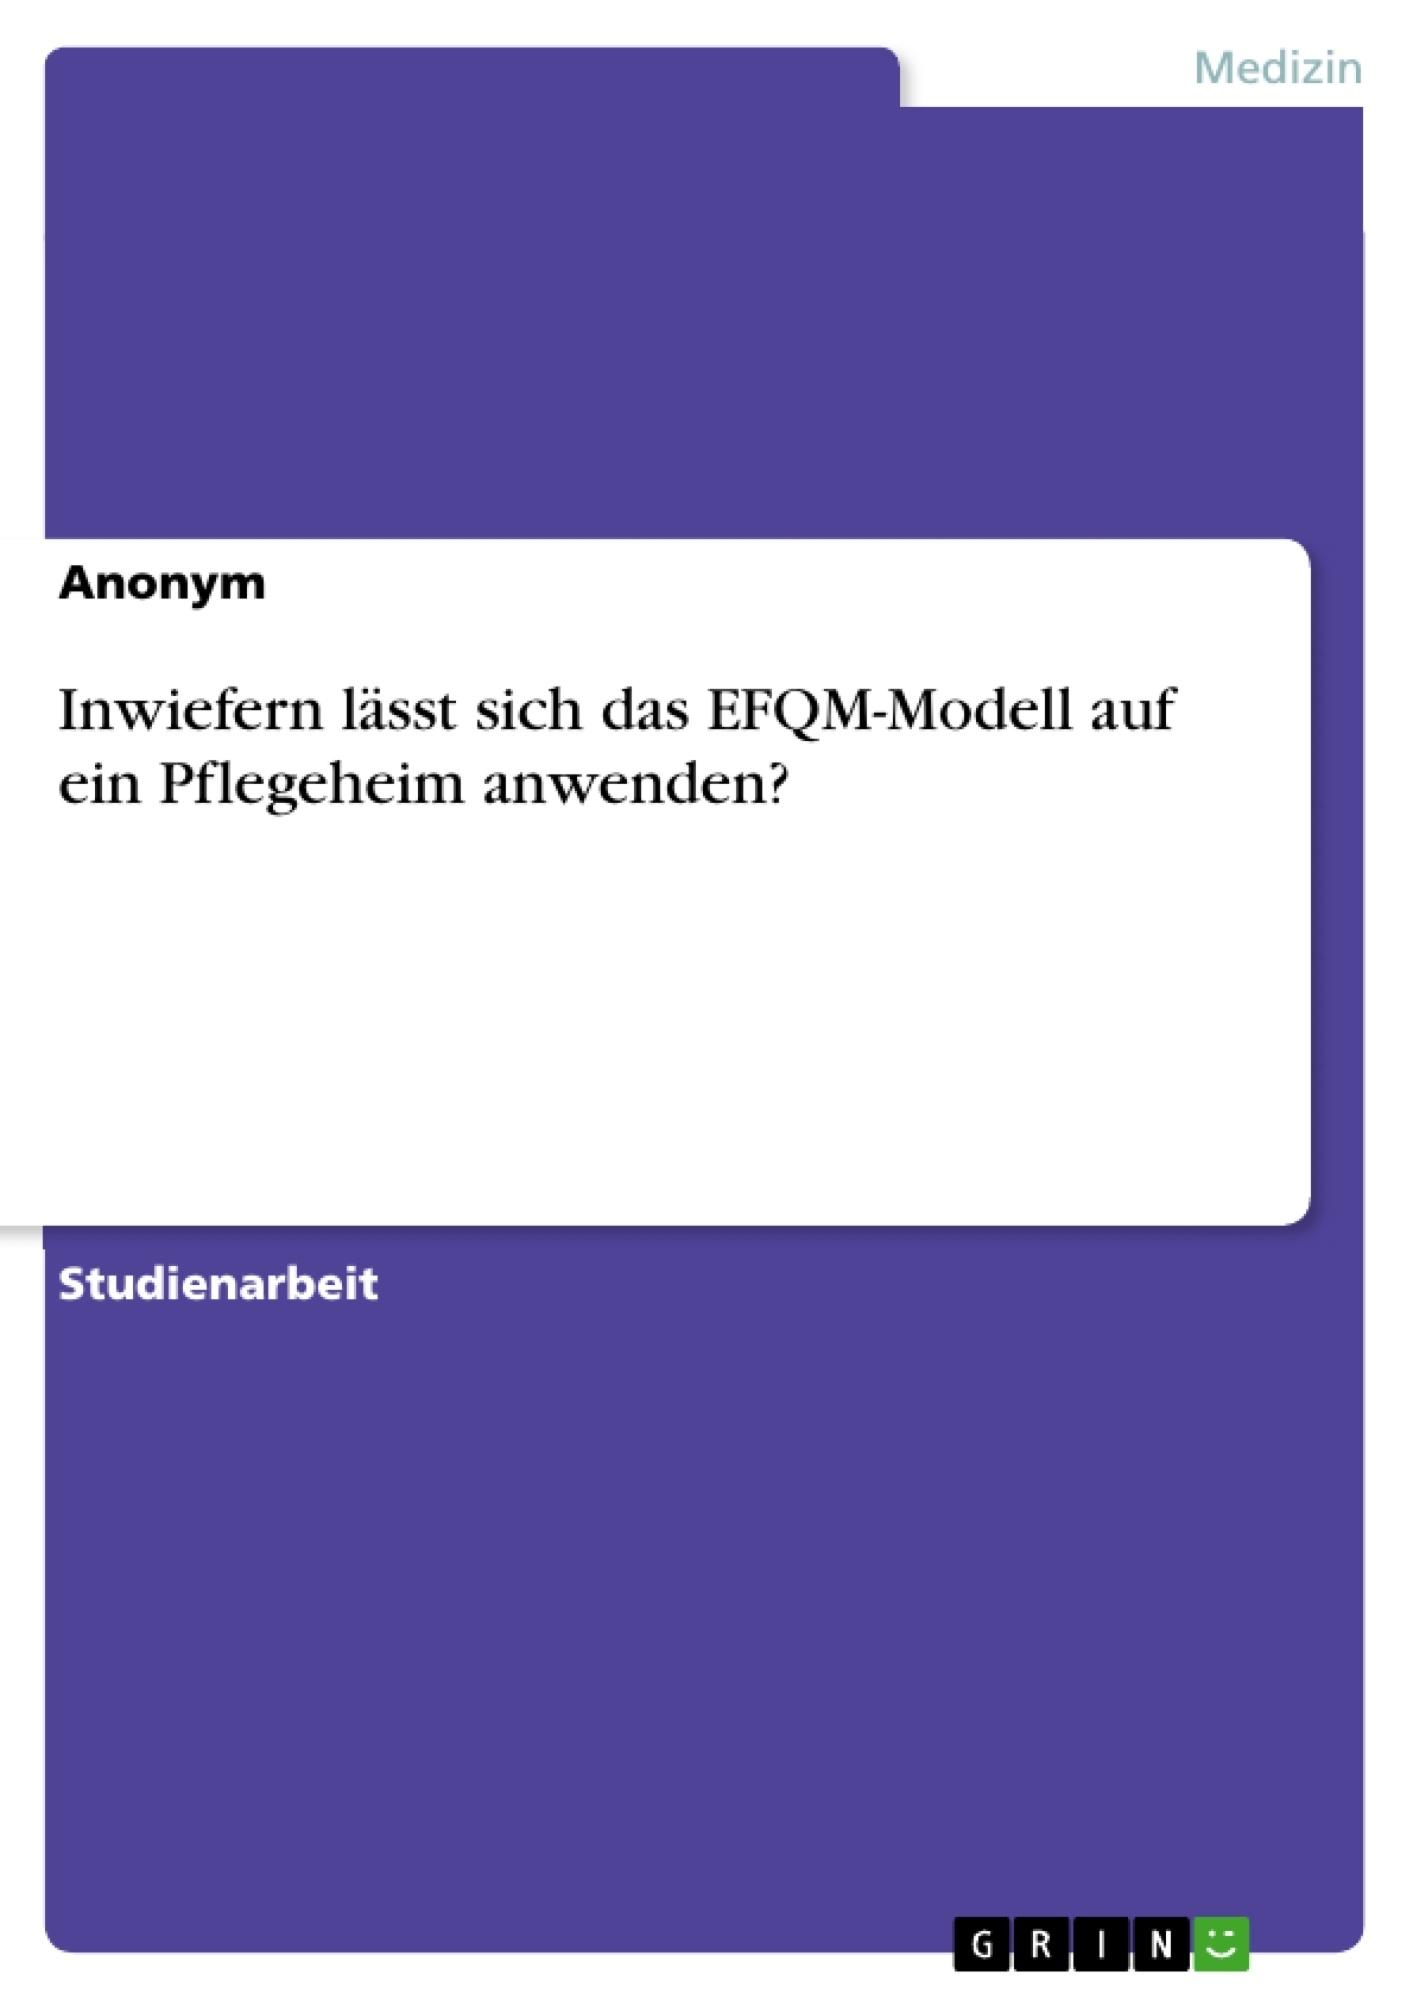 Titel: Inwiefern lässt sich das EFQM-Modell auf ein Pflegeheim anwenden?